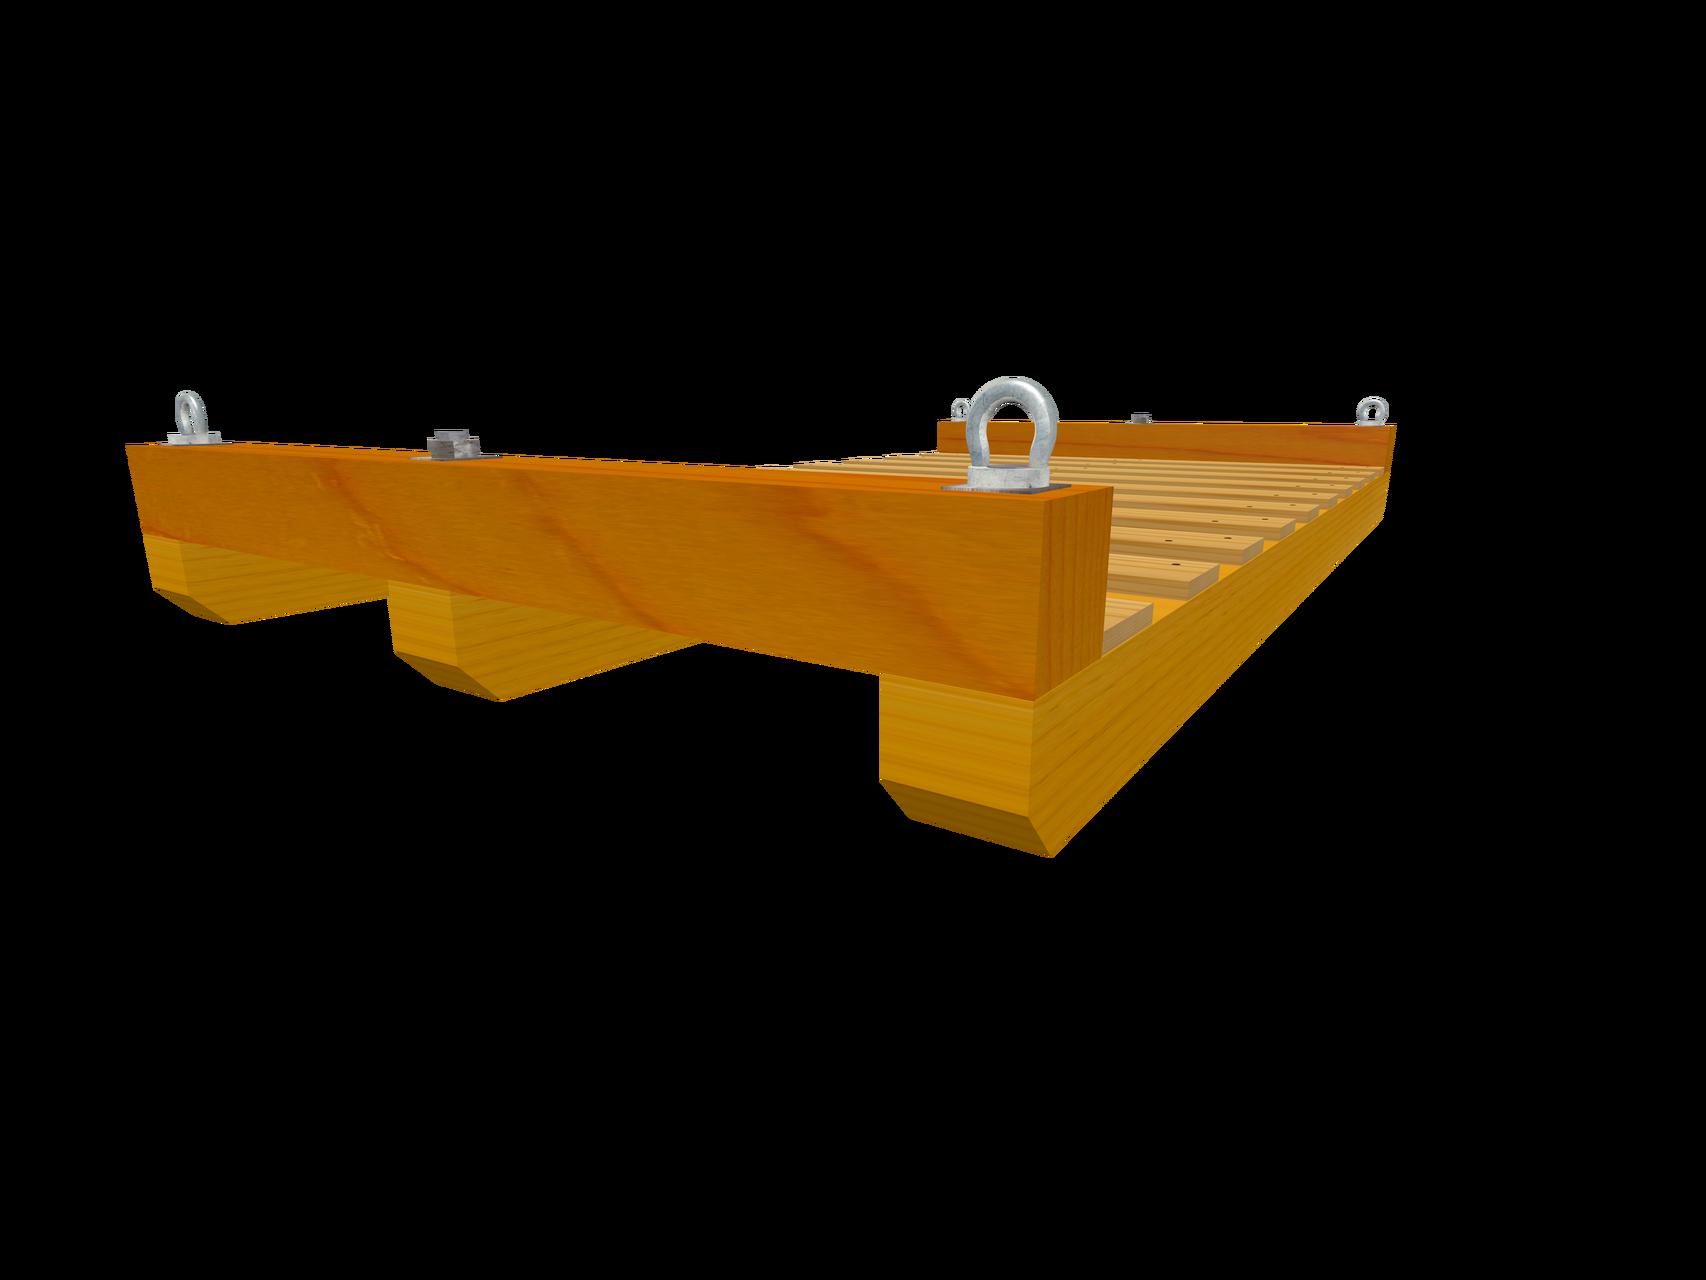 Skid C3 Transportboden m. angeschräge Längskufen (Wahlweise mit Ringmuttern)